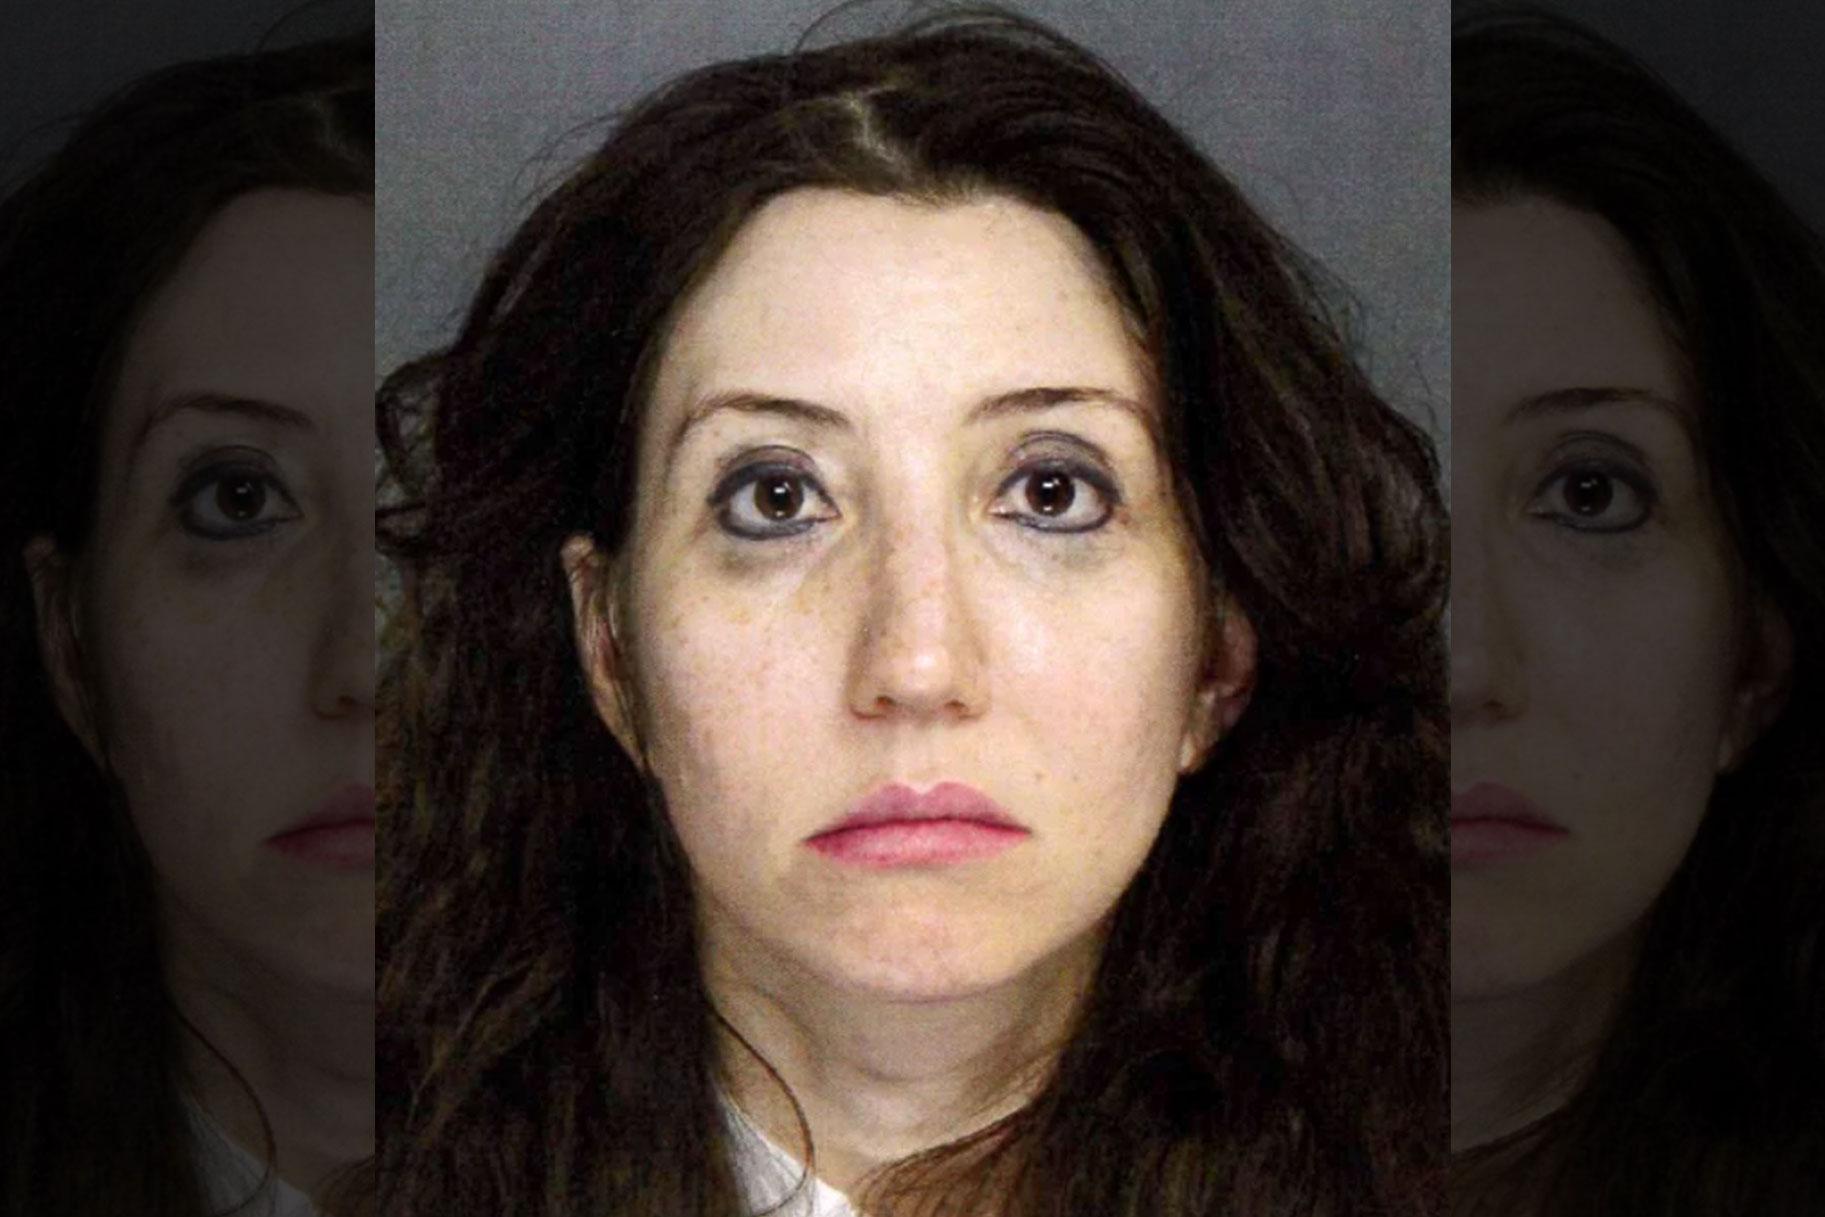 Γυναίκα που κατηγόρησε τη δολοφονία του φίλου του σε απευθείας σύνδεση αλλοδαπή λατρεία που καταδικάστηκε στη φυλακή